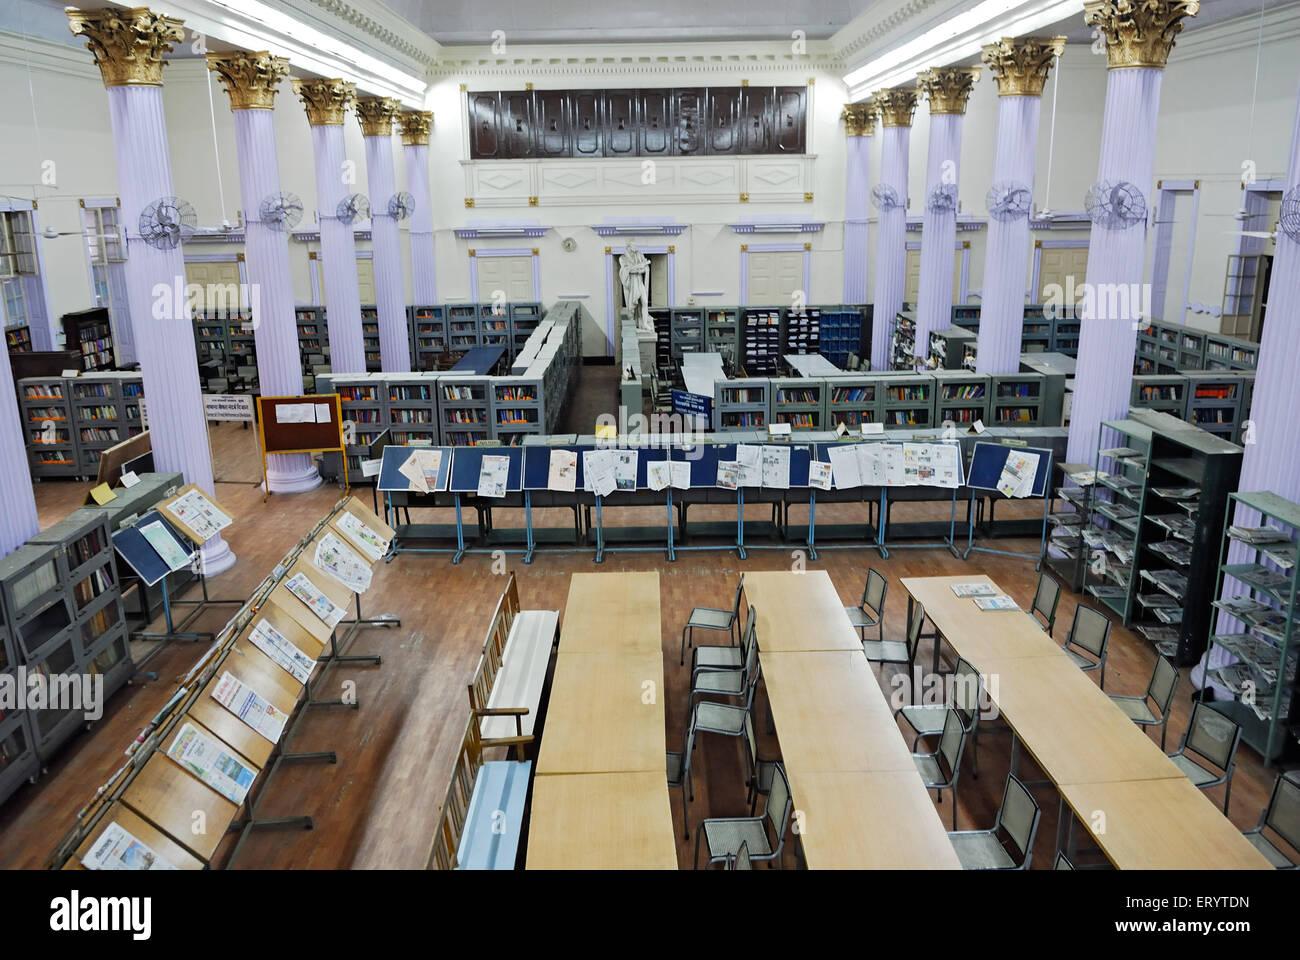 Asiatische Regale zeitungskiosk und buch regale im rathaus asiatische bibliothek